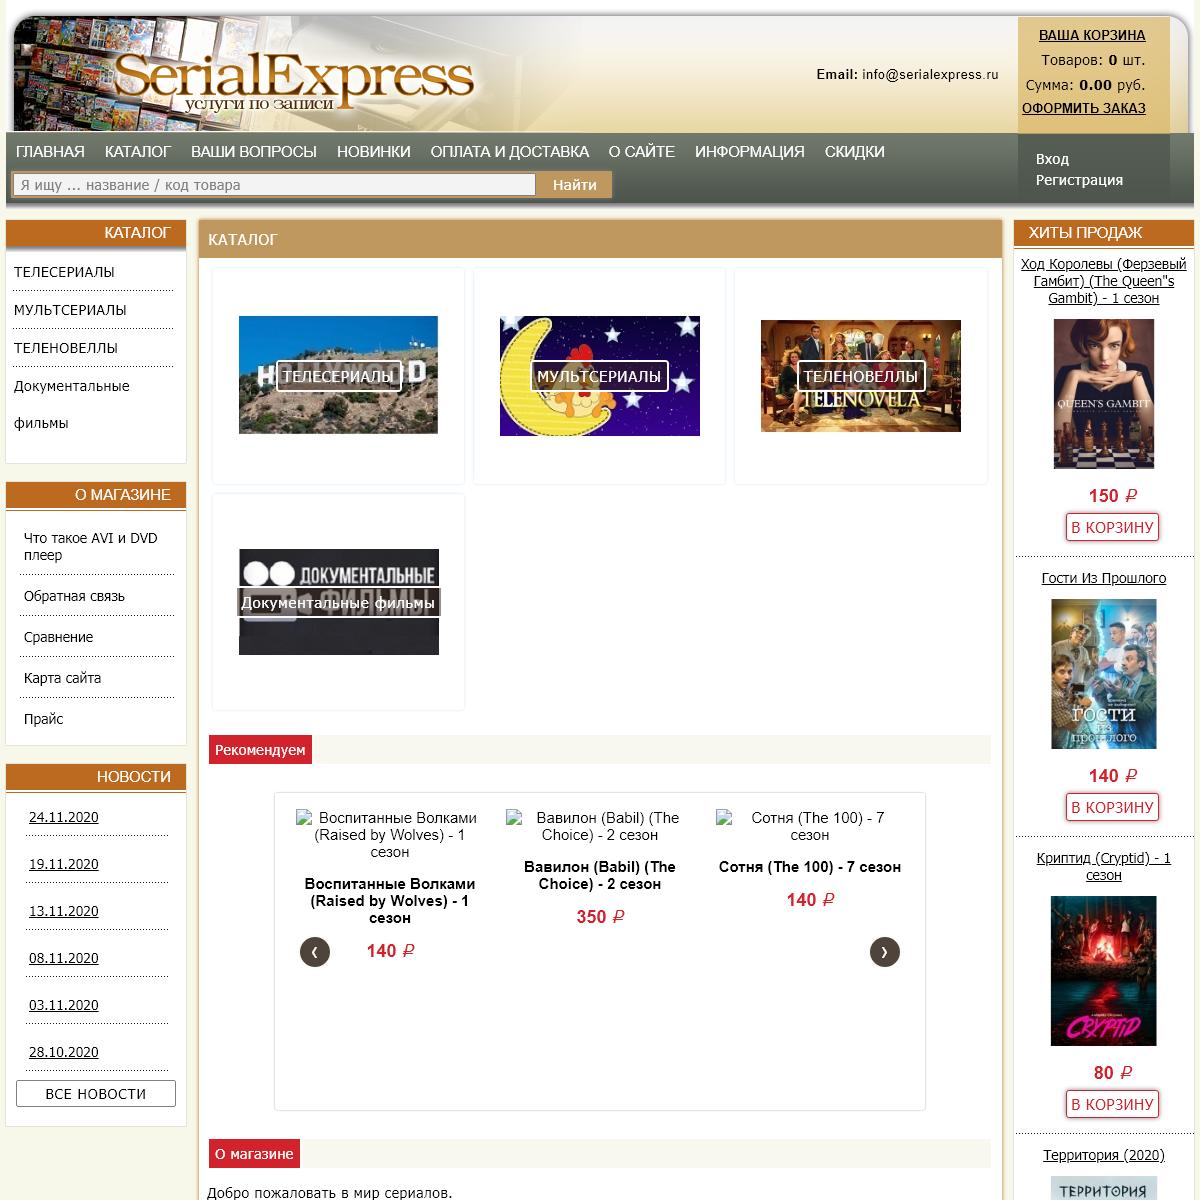 Serialexpress.ru - купить сериалы на dvd, услуги по записи сериалов, доставка по�